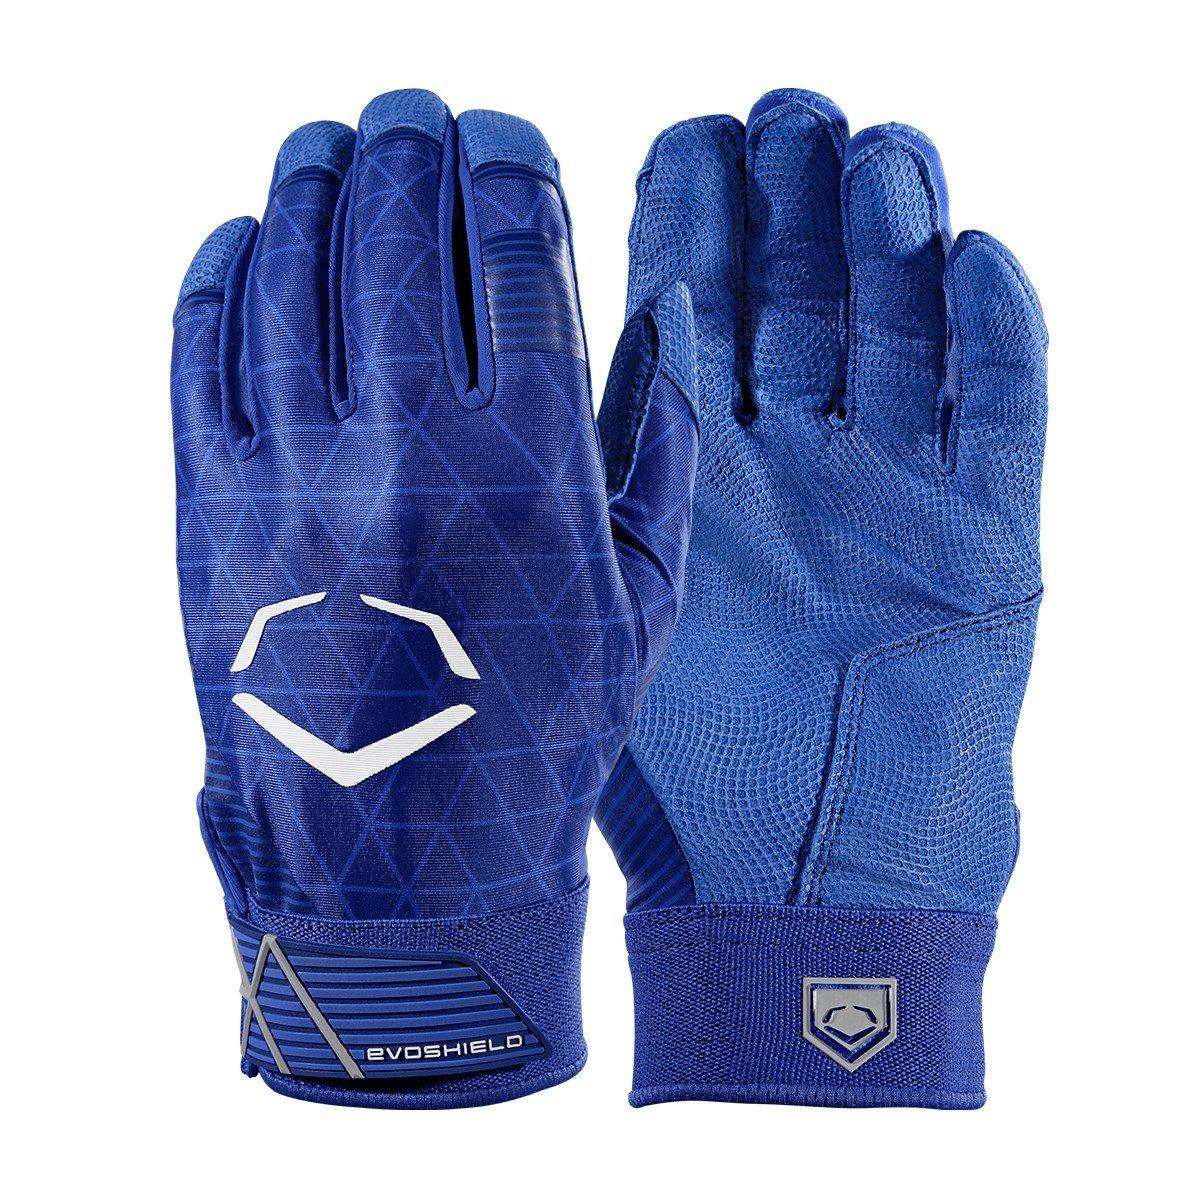 Evoshield evocharge保護用バッティング手袋 B0741J1N8S X-Large|ロイヤル|アダルト ロイヤル X-Large